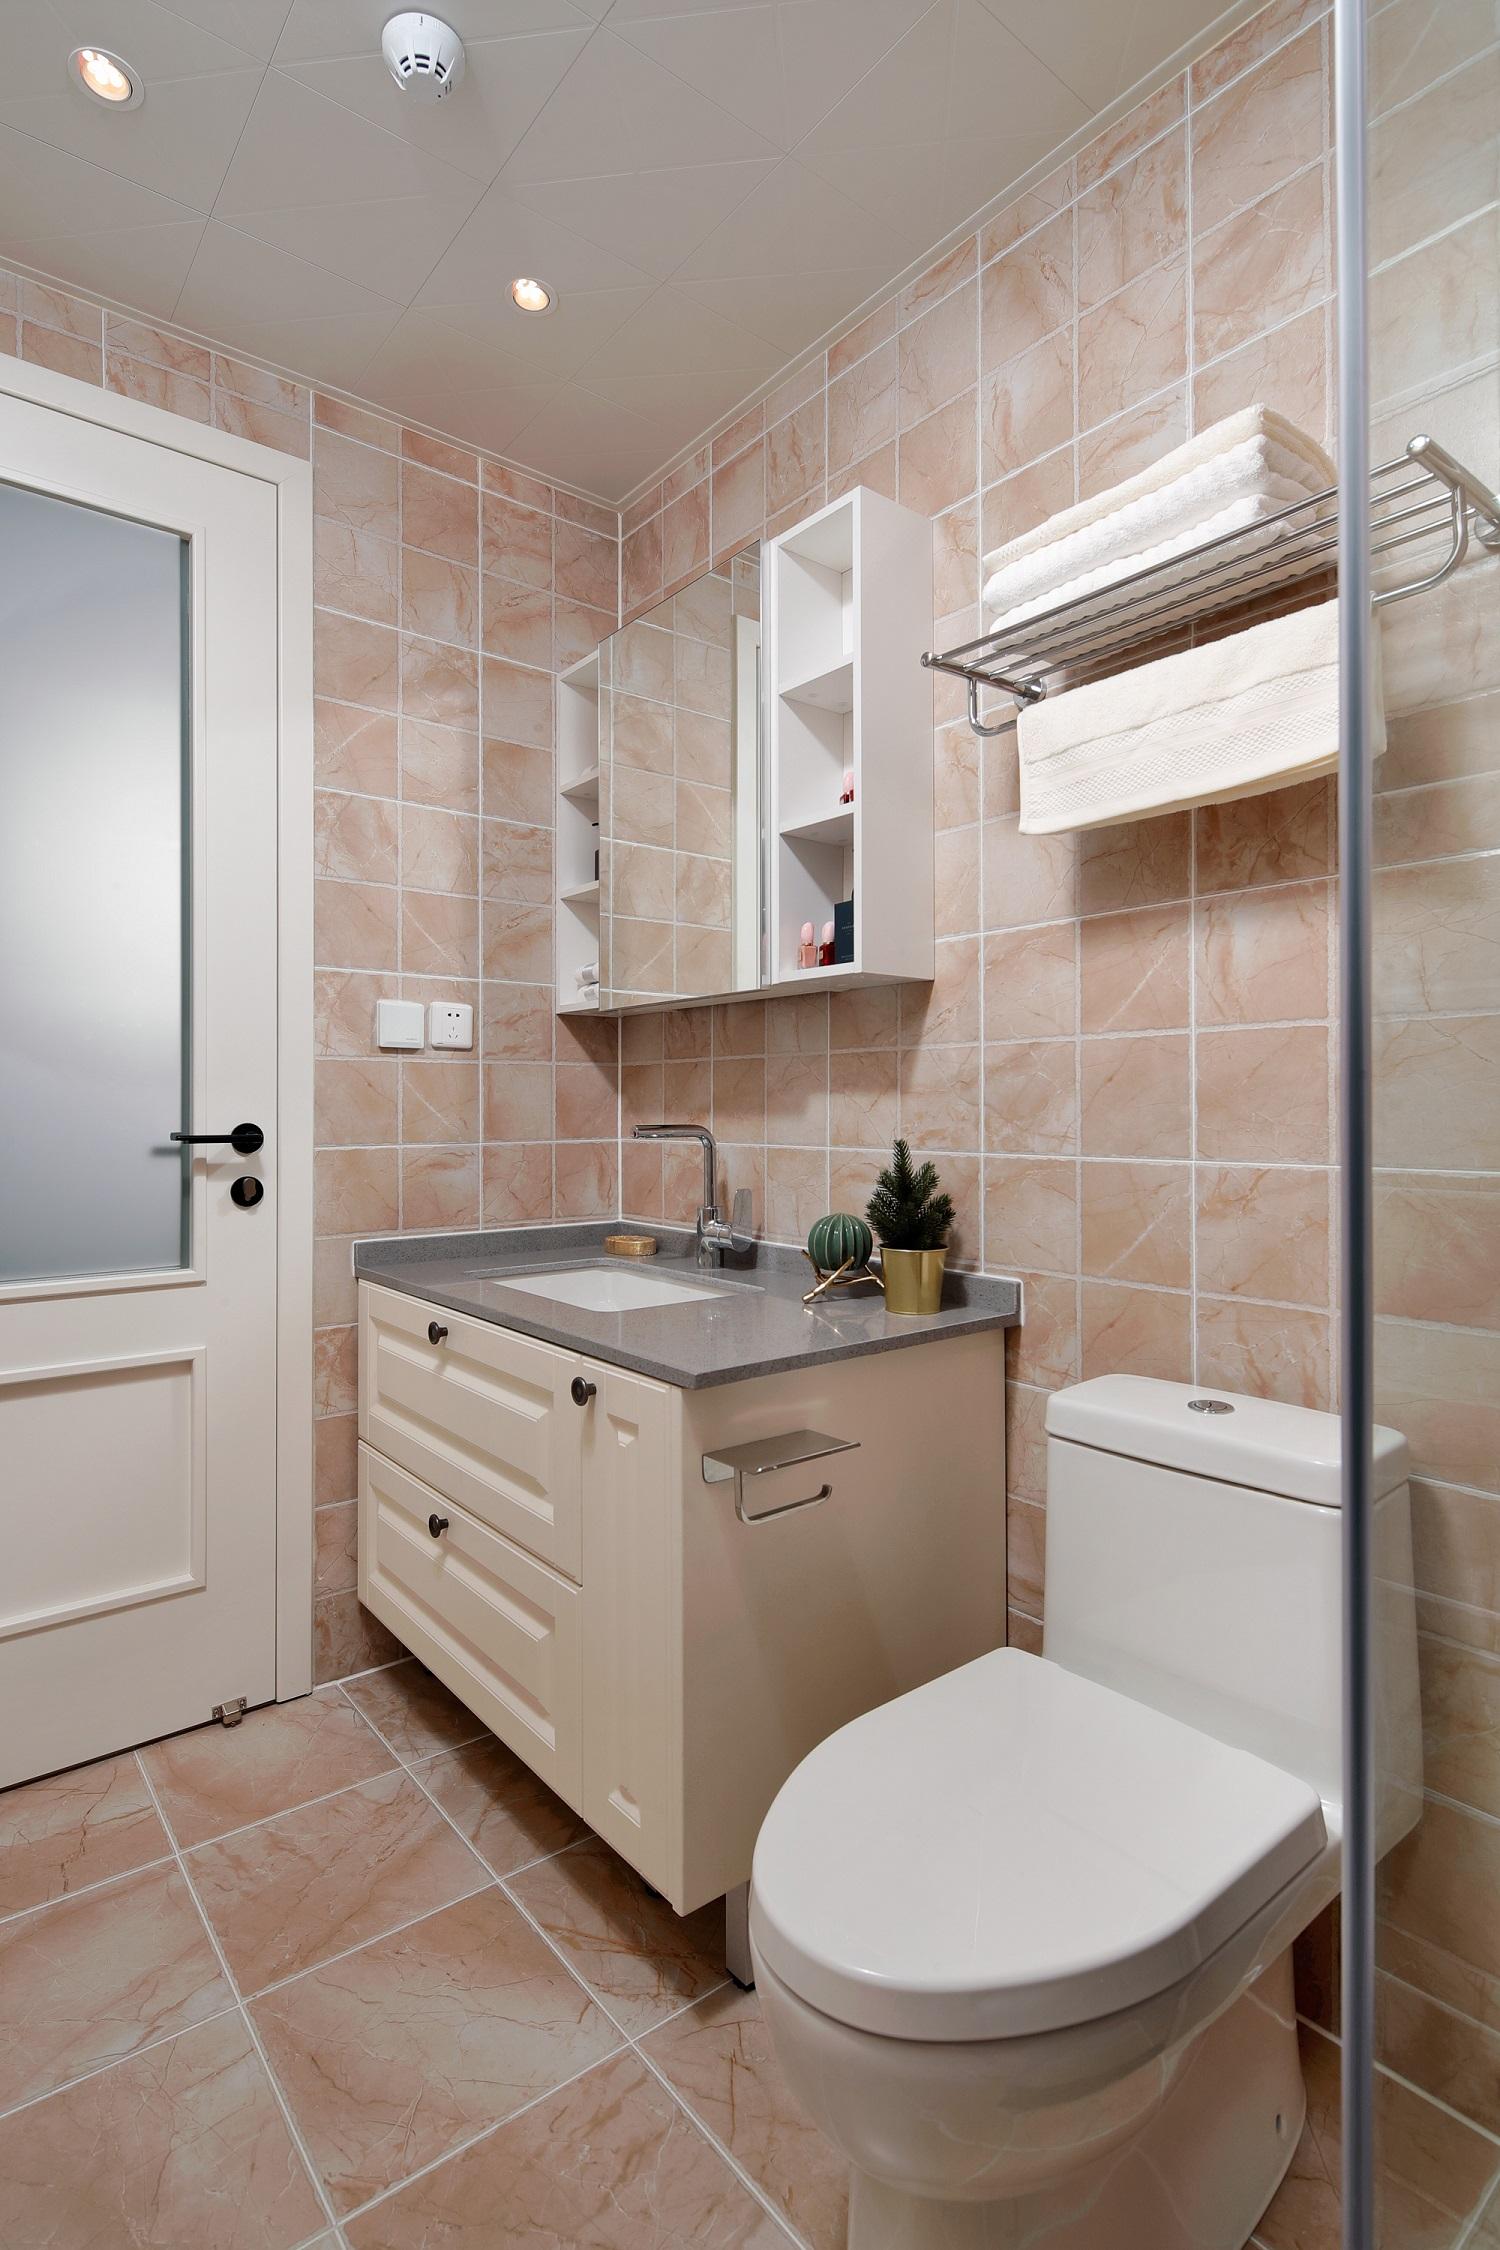 好看的卫生间会提升整个空间的格调,镜柜设计不仅可以整理仪容,洗漱用具也能随手放进去哦。